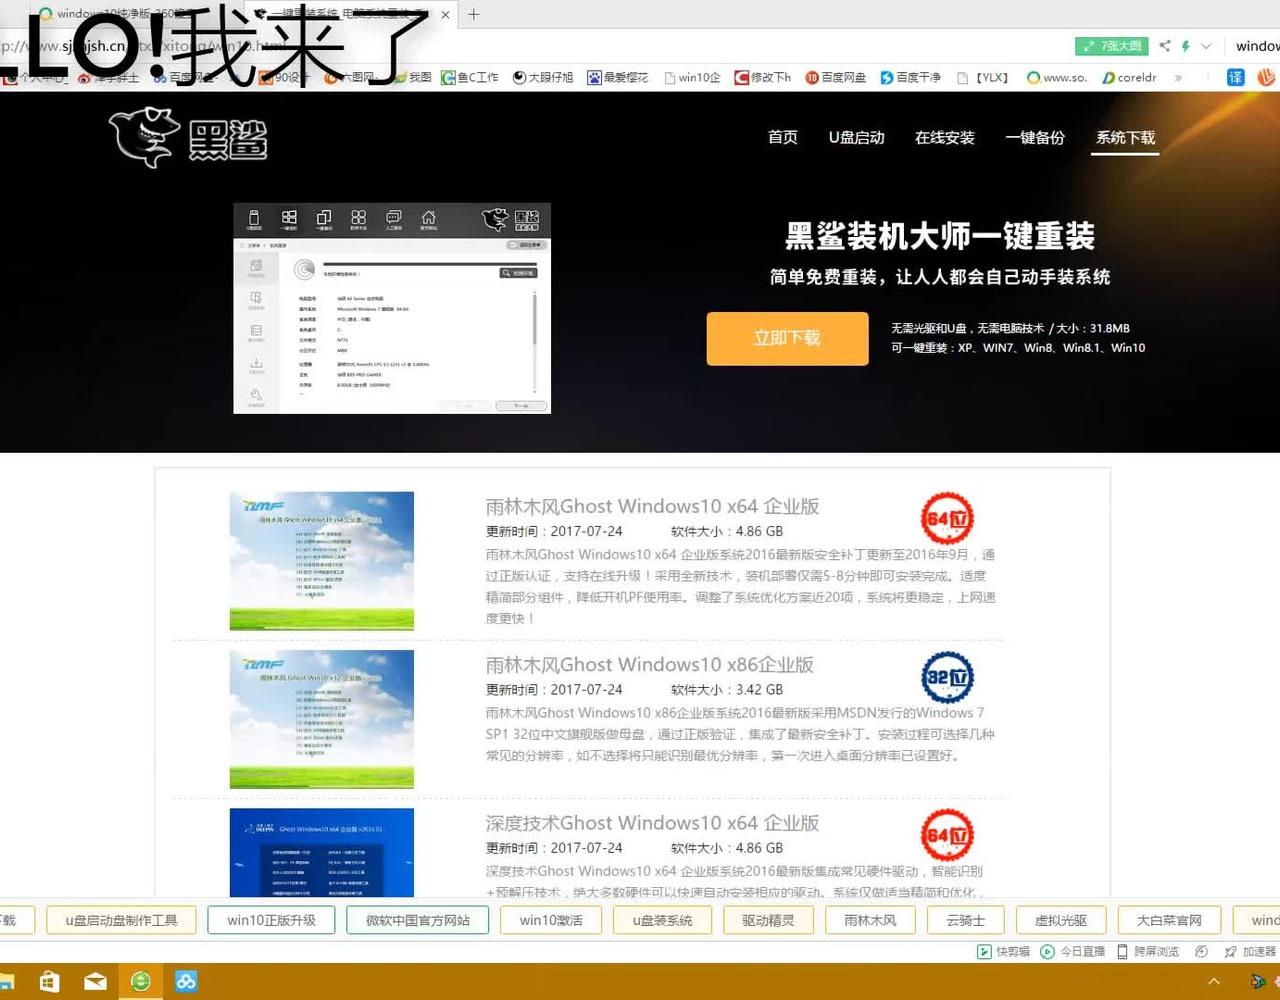 盗版系统安装过程(上)